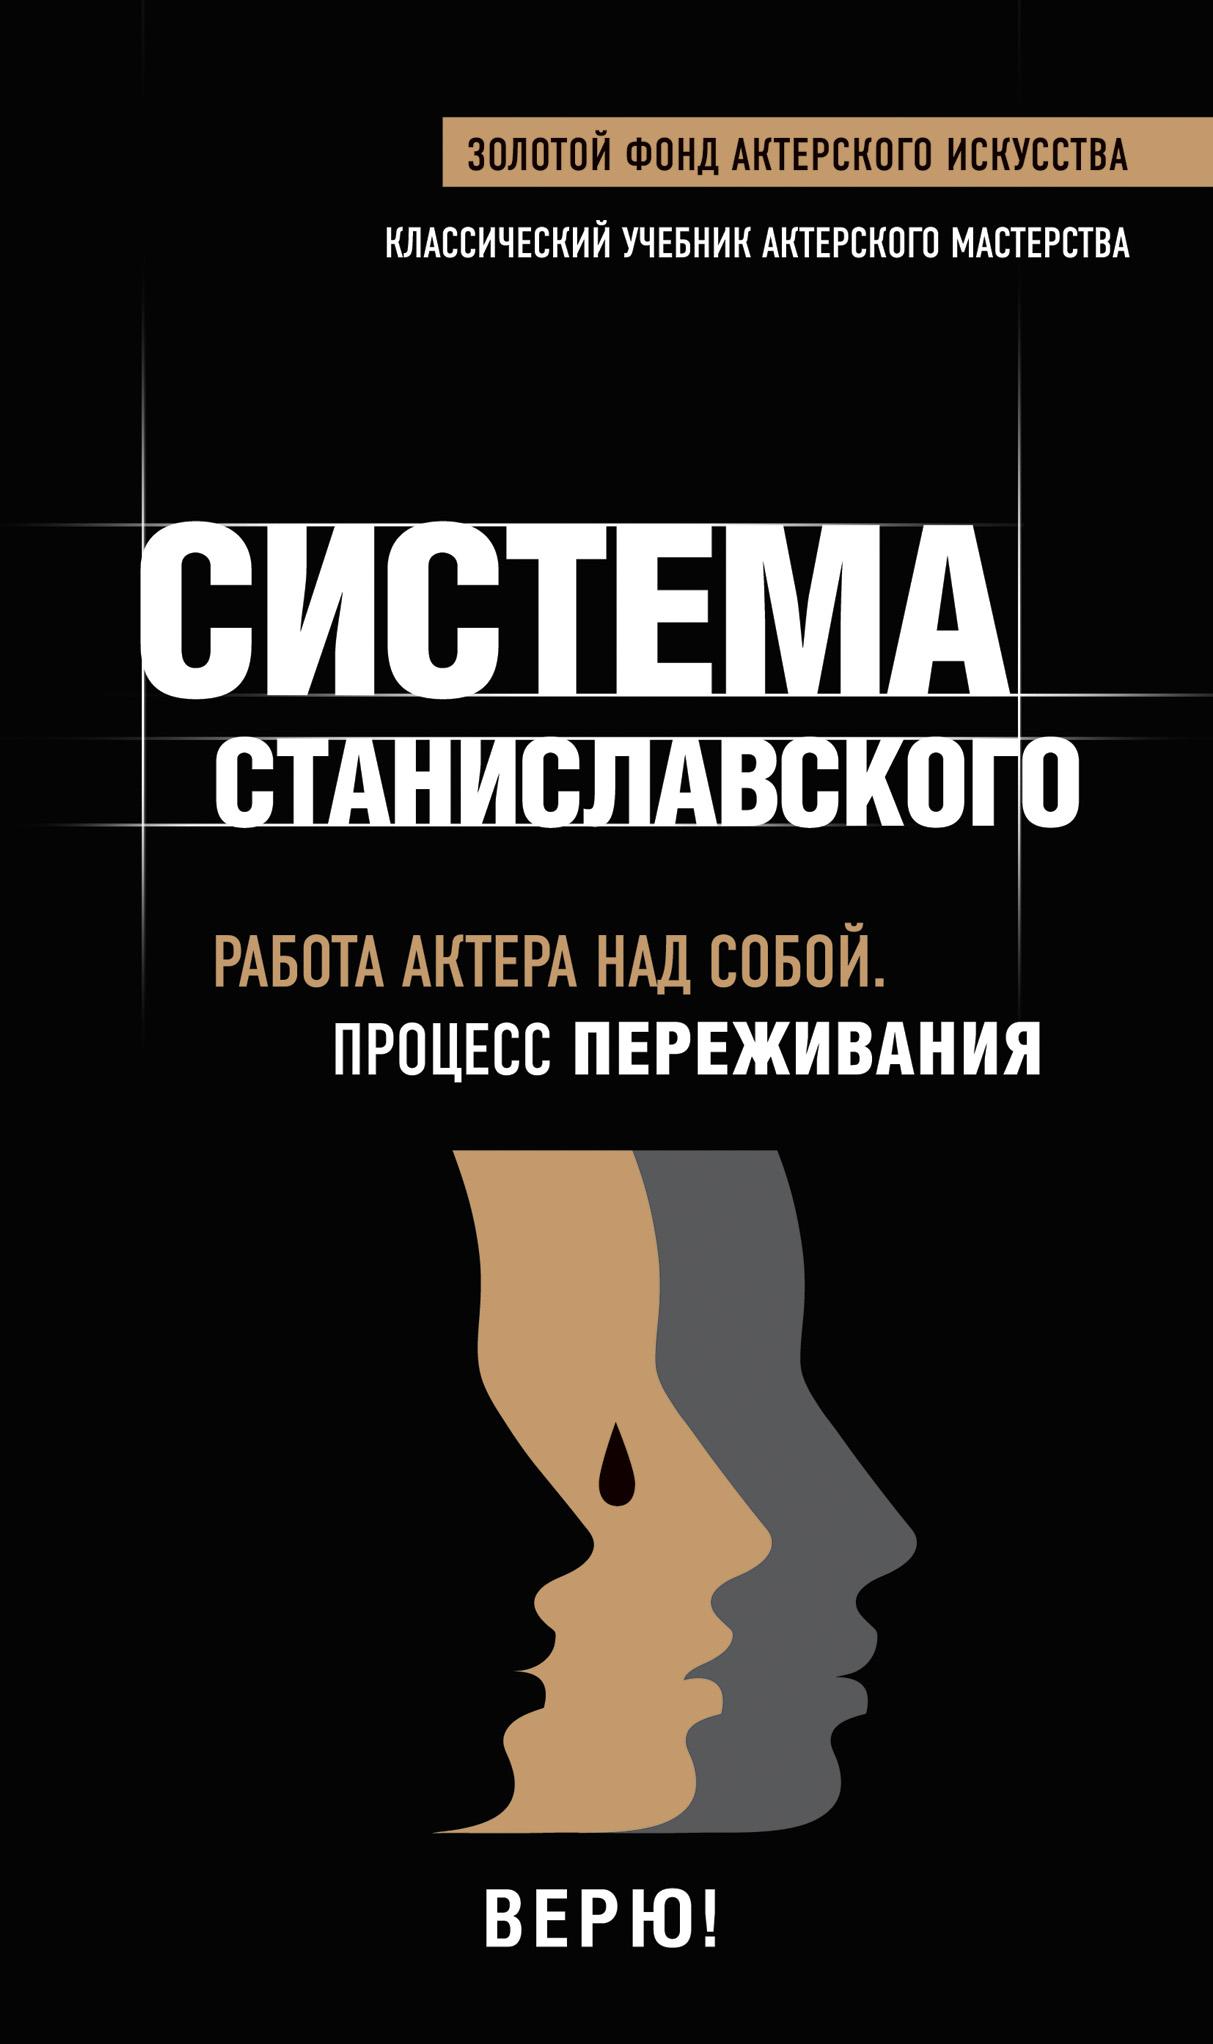 Работа актера над собой. Процесс переживания от book24.ru